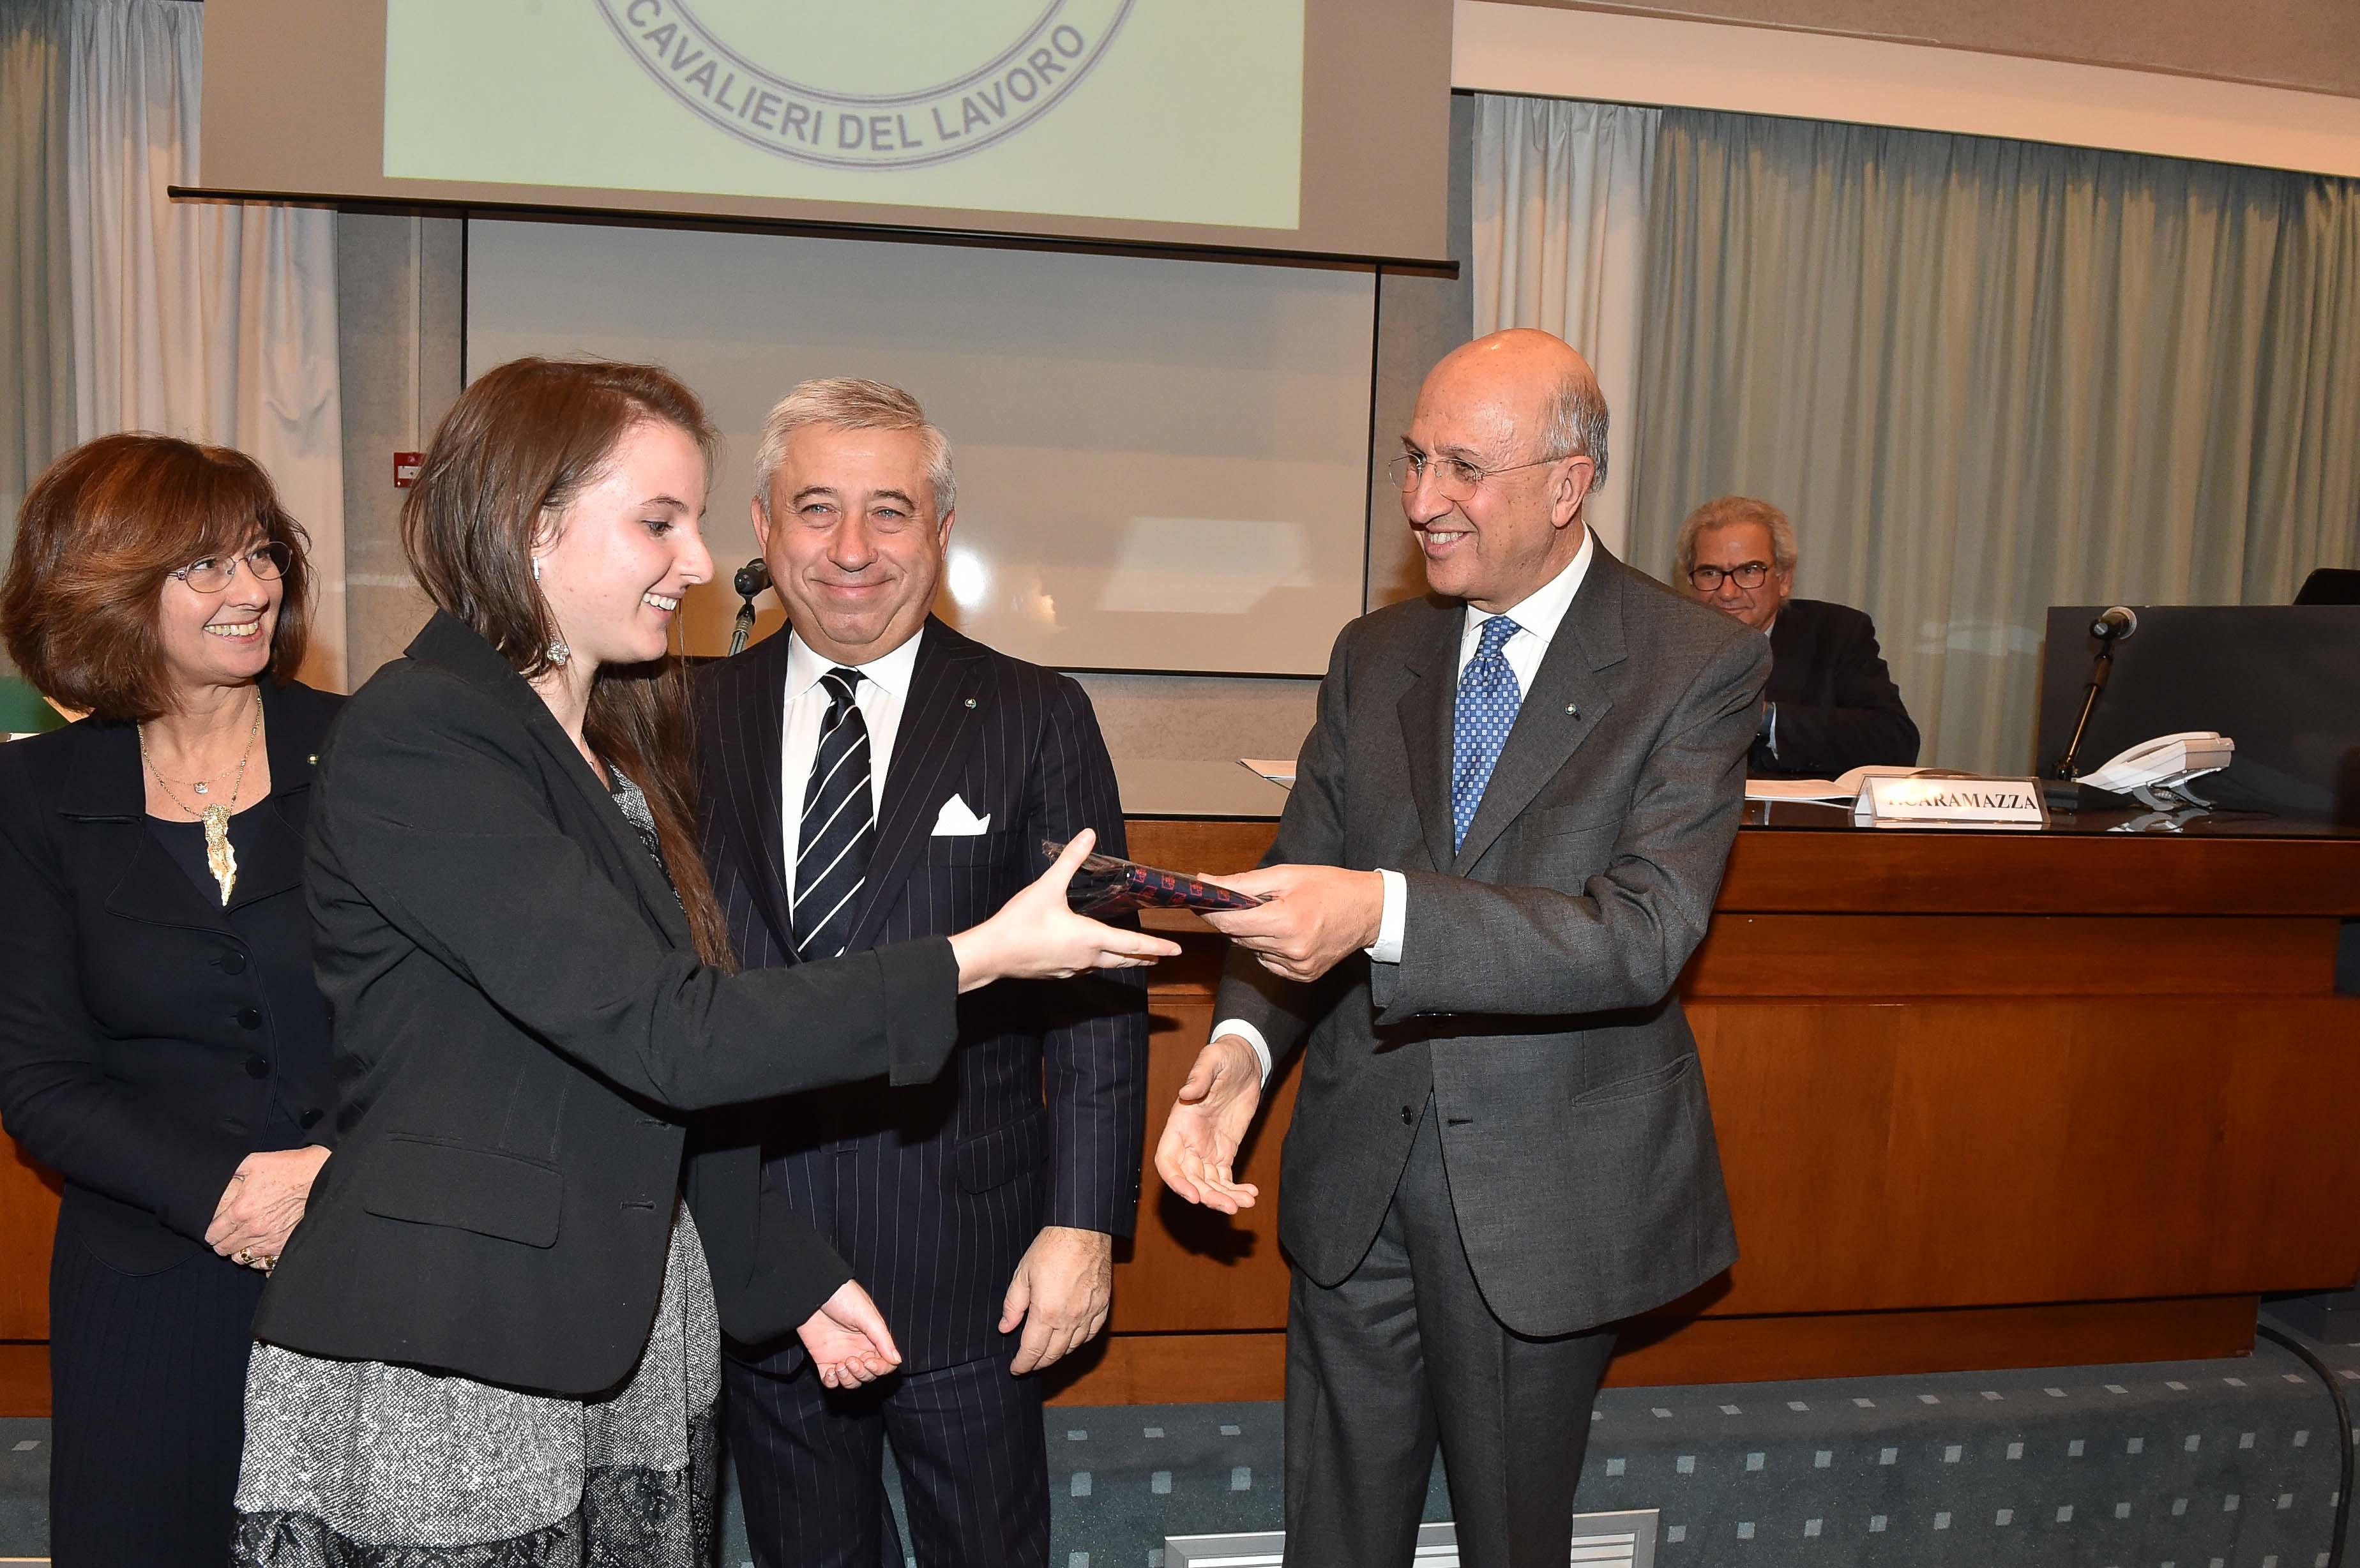 Collegio - Inaugurazione a.a. 2015 da six, Gilli, Zanandrea, D'Amato, Patuelli